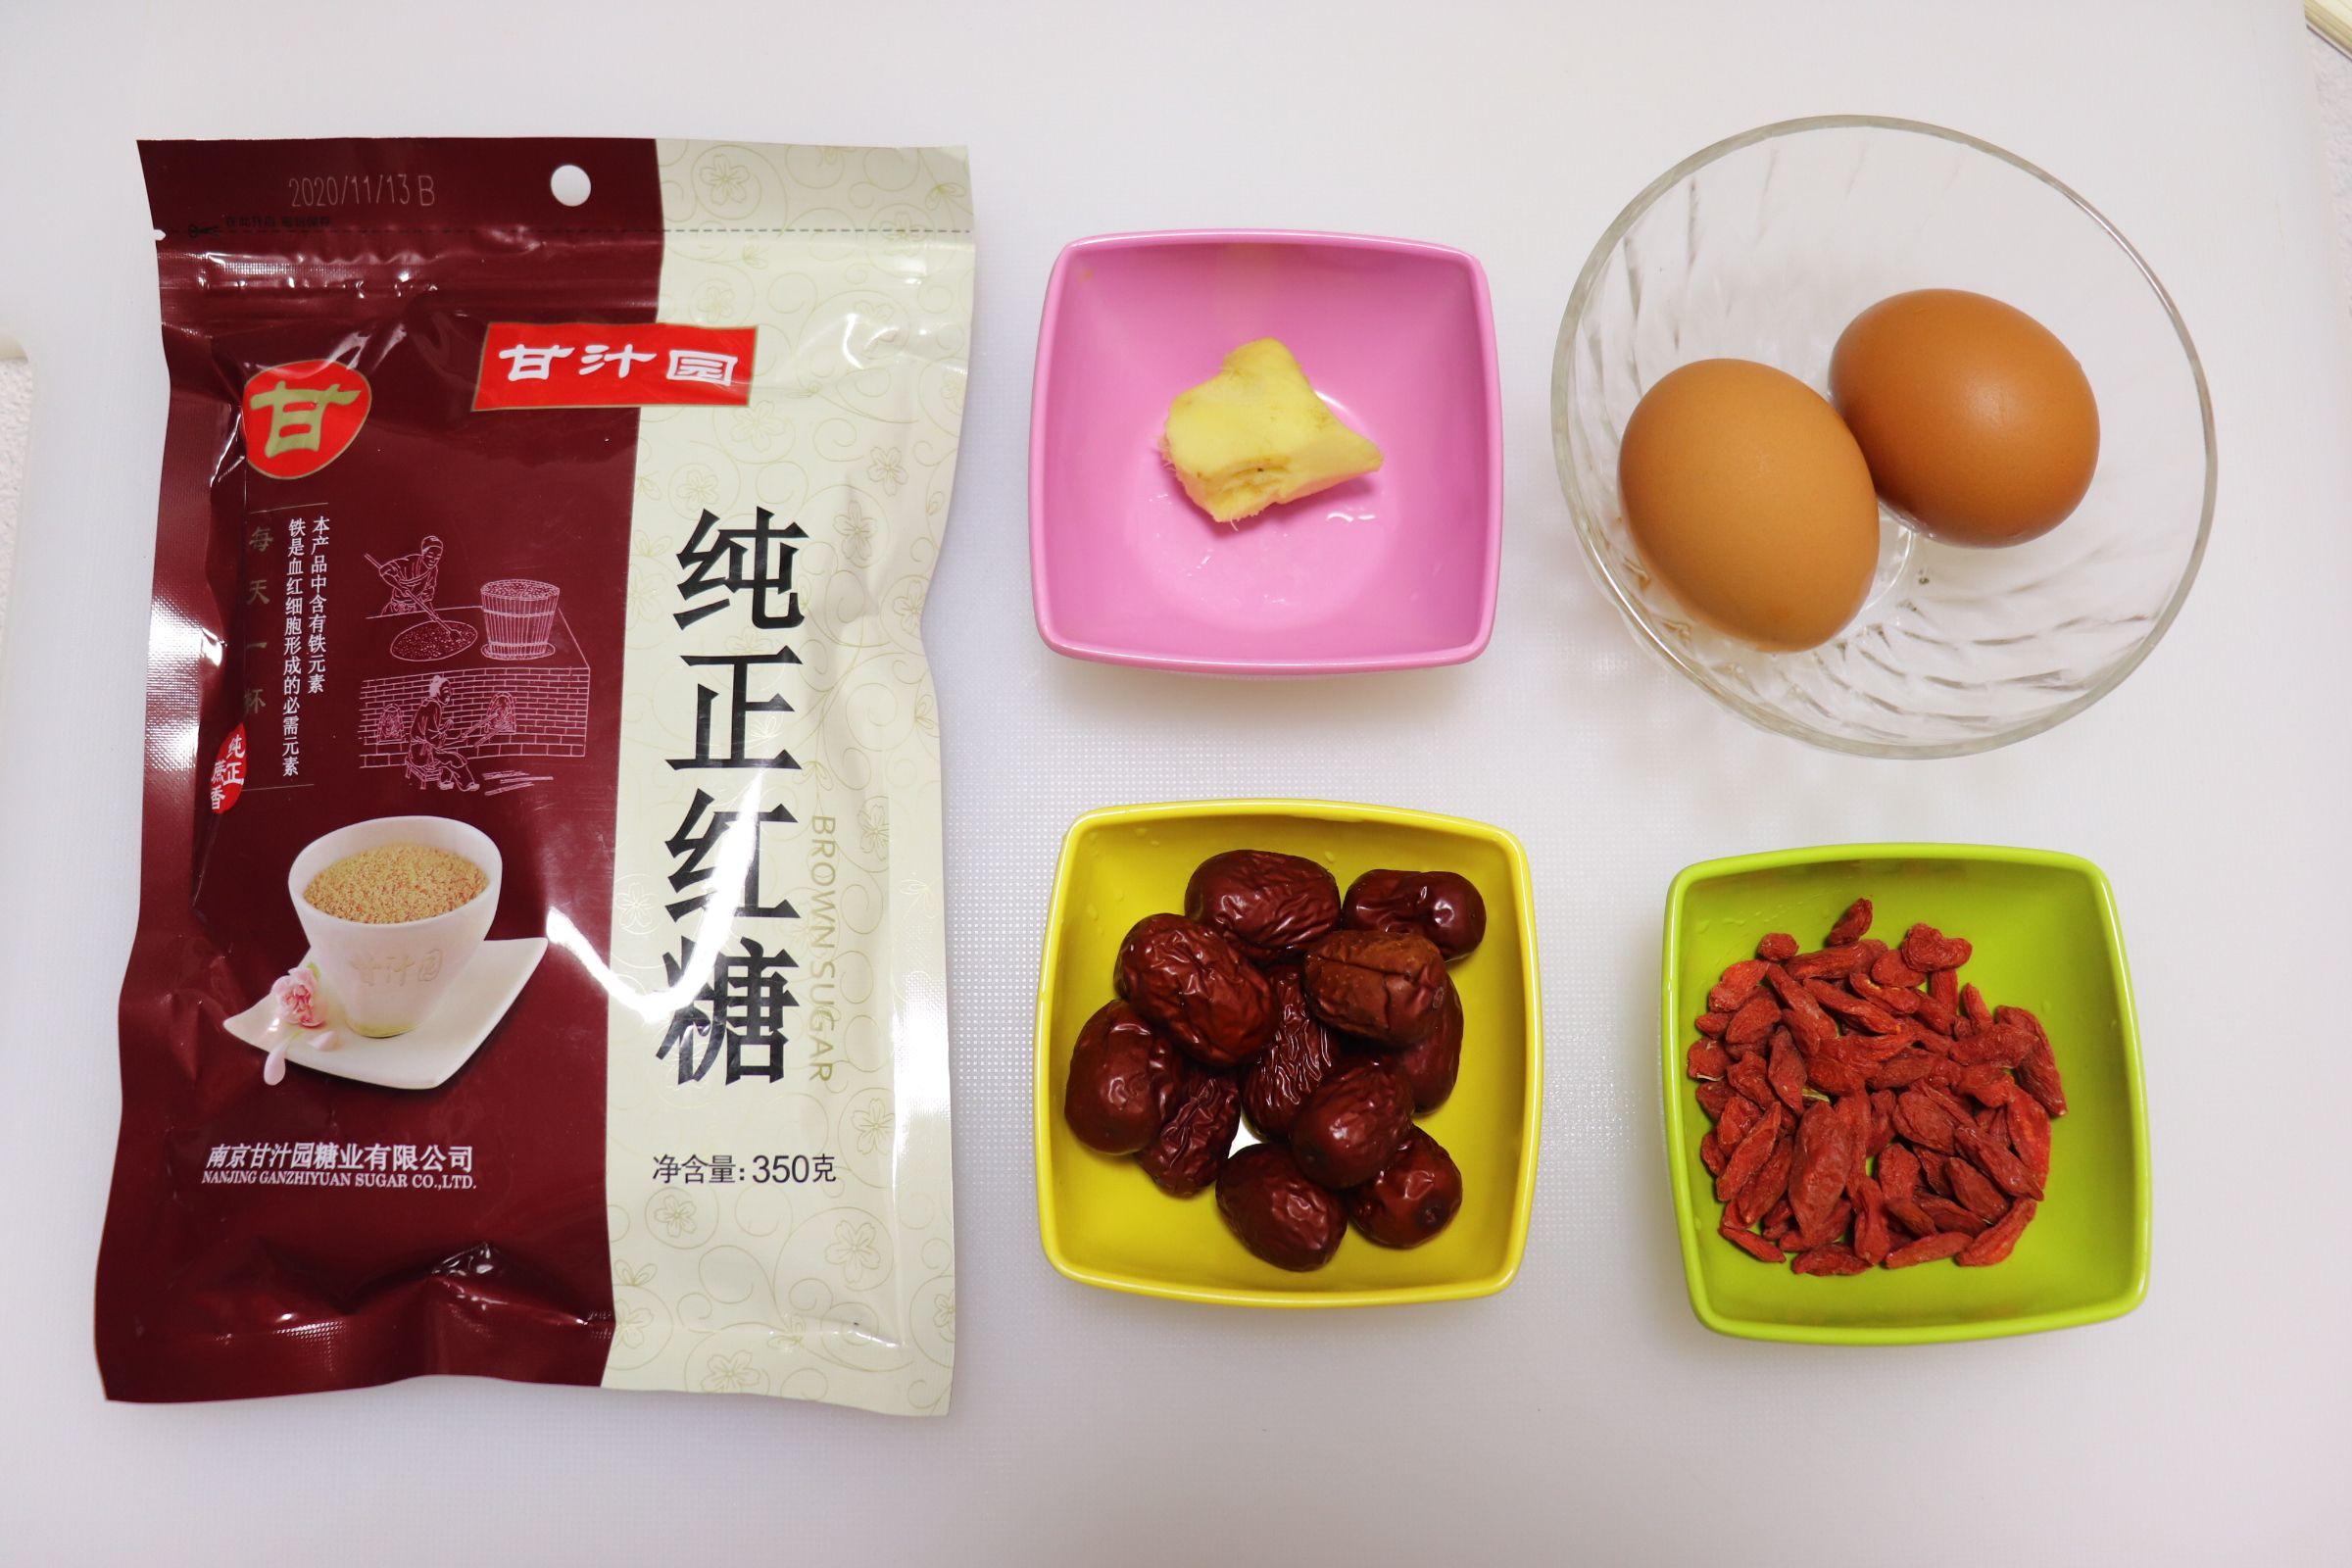 冬日暖身饮品~红糖姜枣煮蛋的做法大全